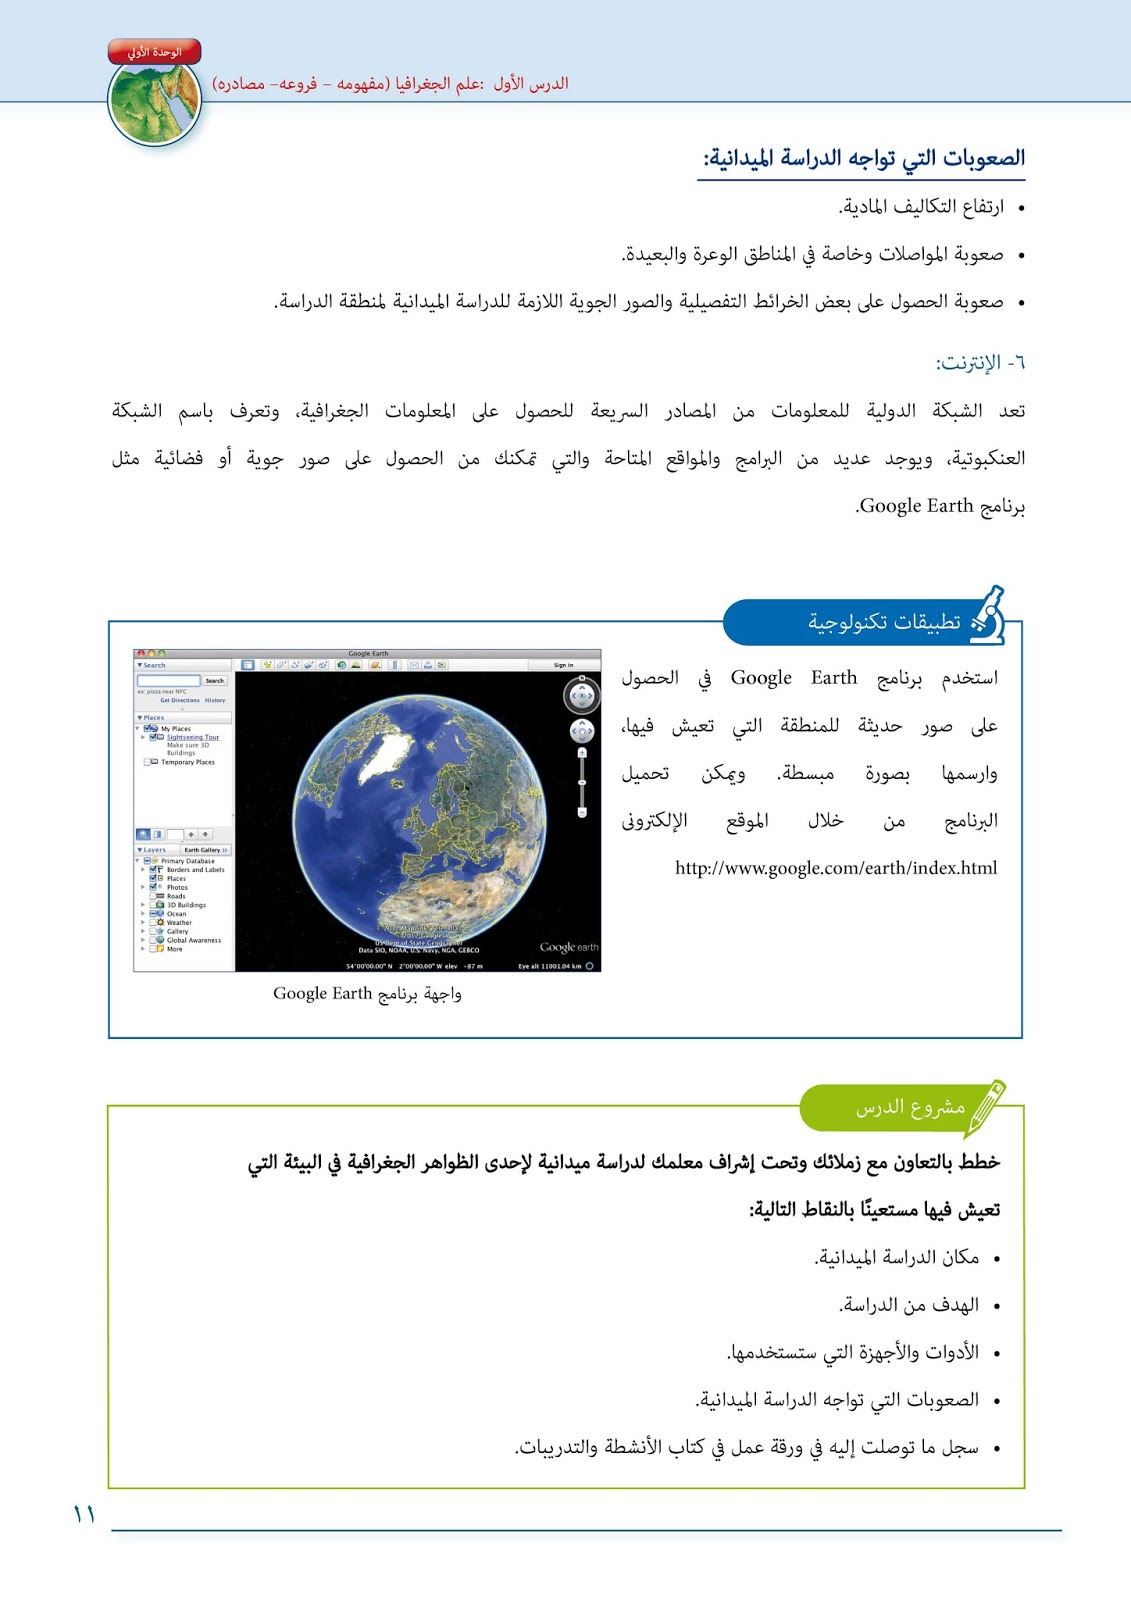 انفراد منهج الجغرافيا للصف الاول الثانوى 2013/2014 مناهج جديدة انفراد منهج الجغرافيا للصف الاول الثانوى 2013/2014 - صفحة 7 Geo+SEC+2013+U111